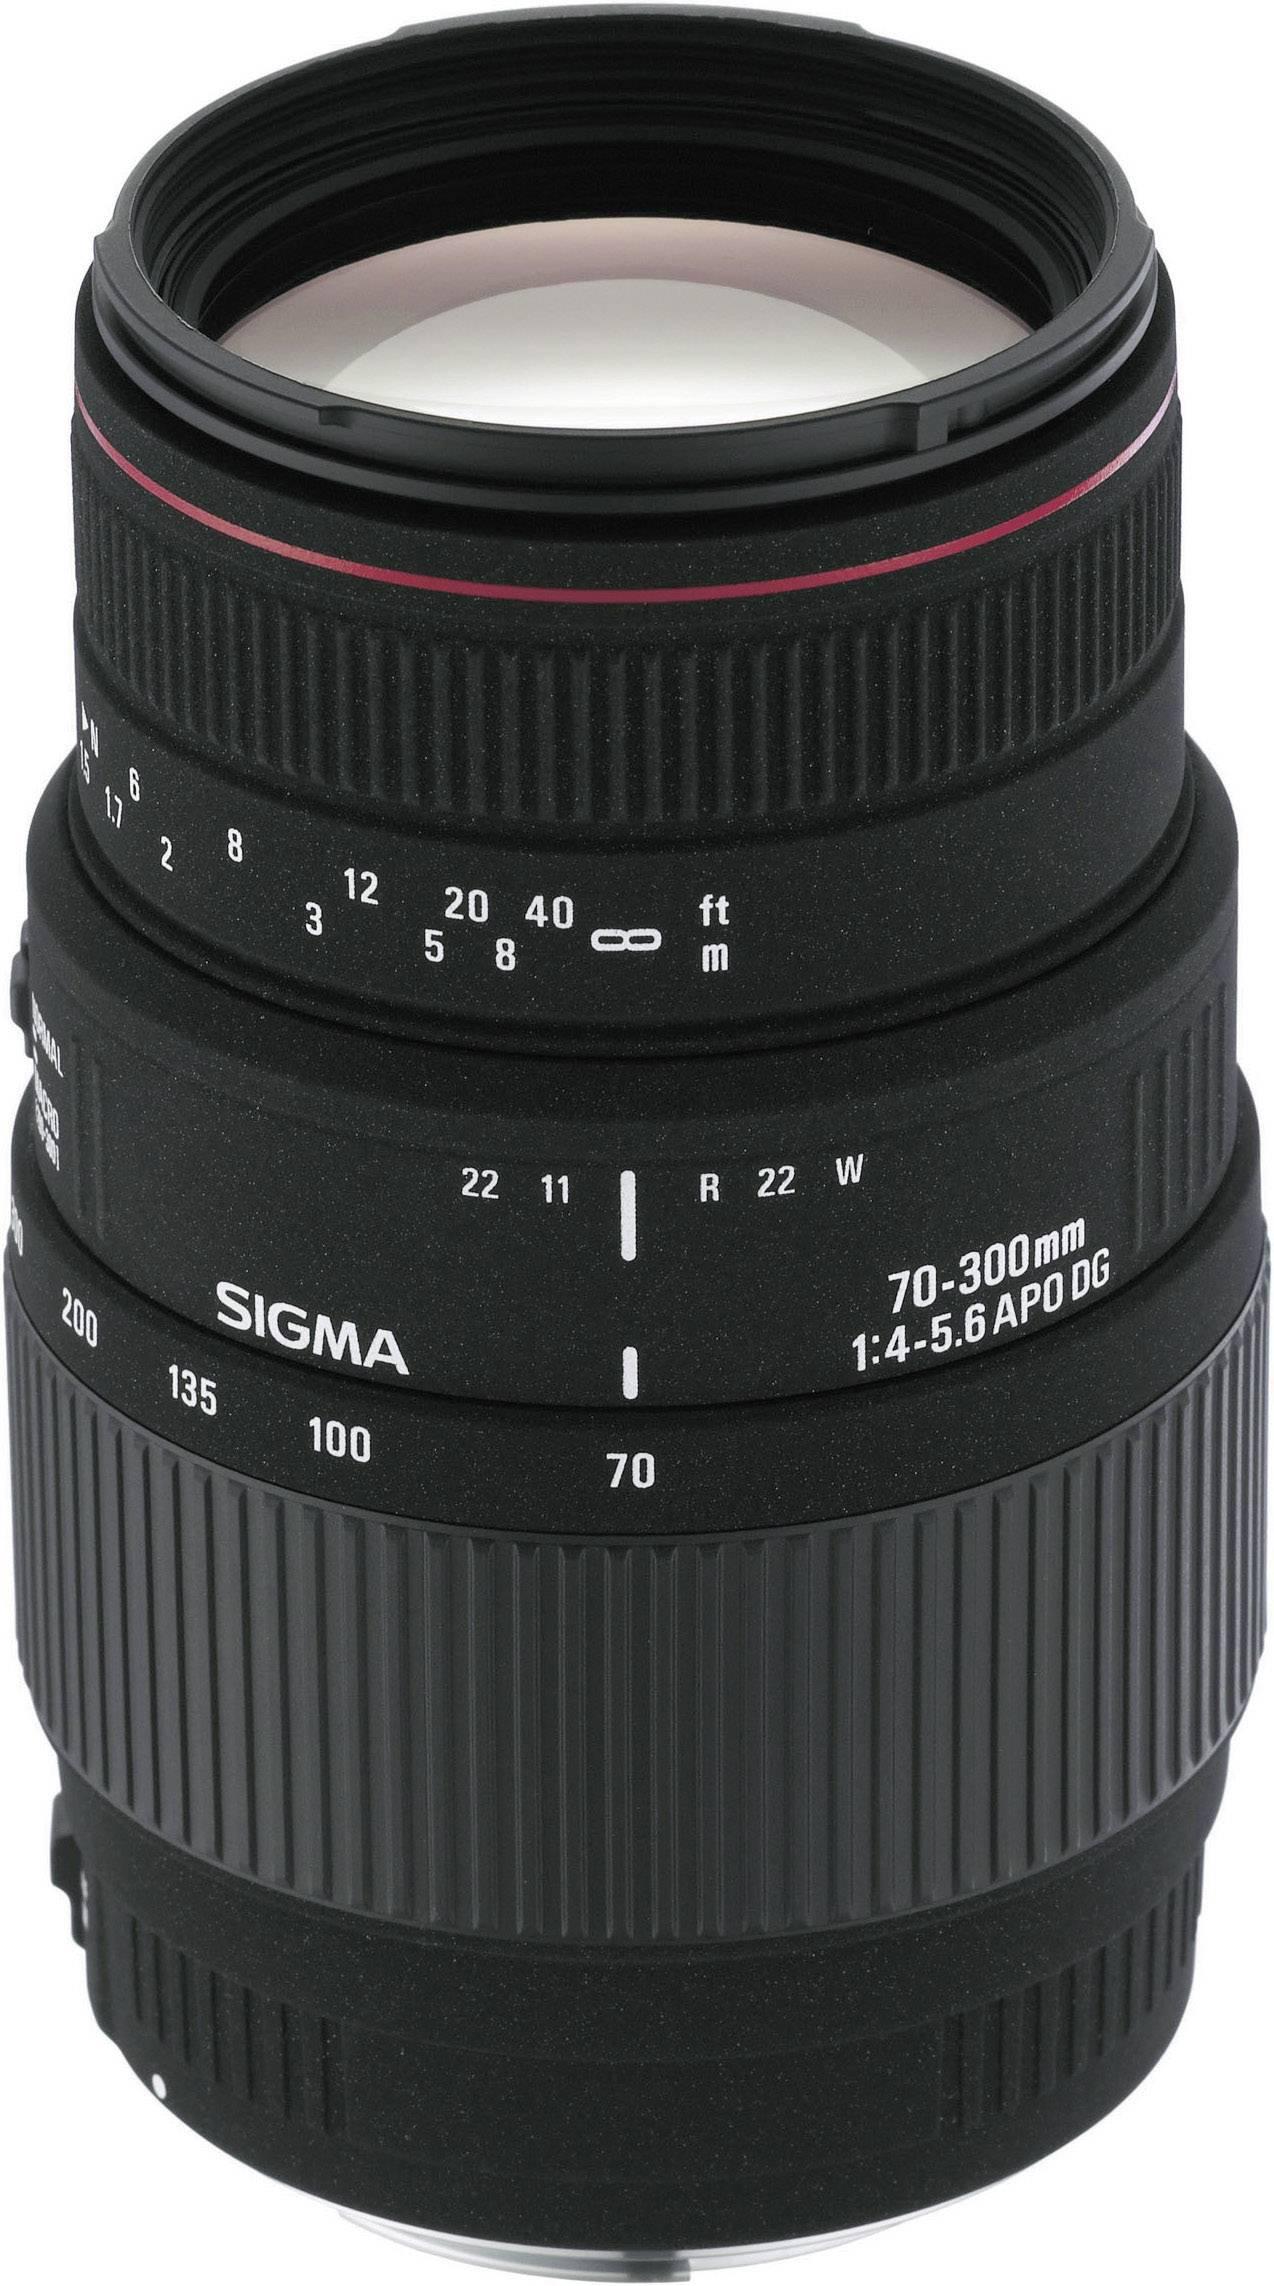 Objektivy pro fotoaparáty